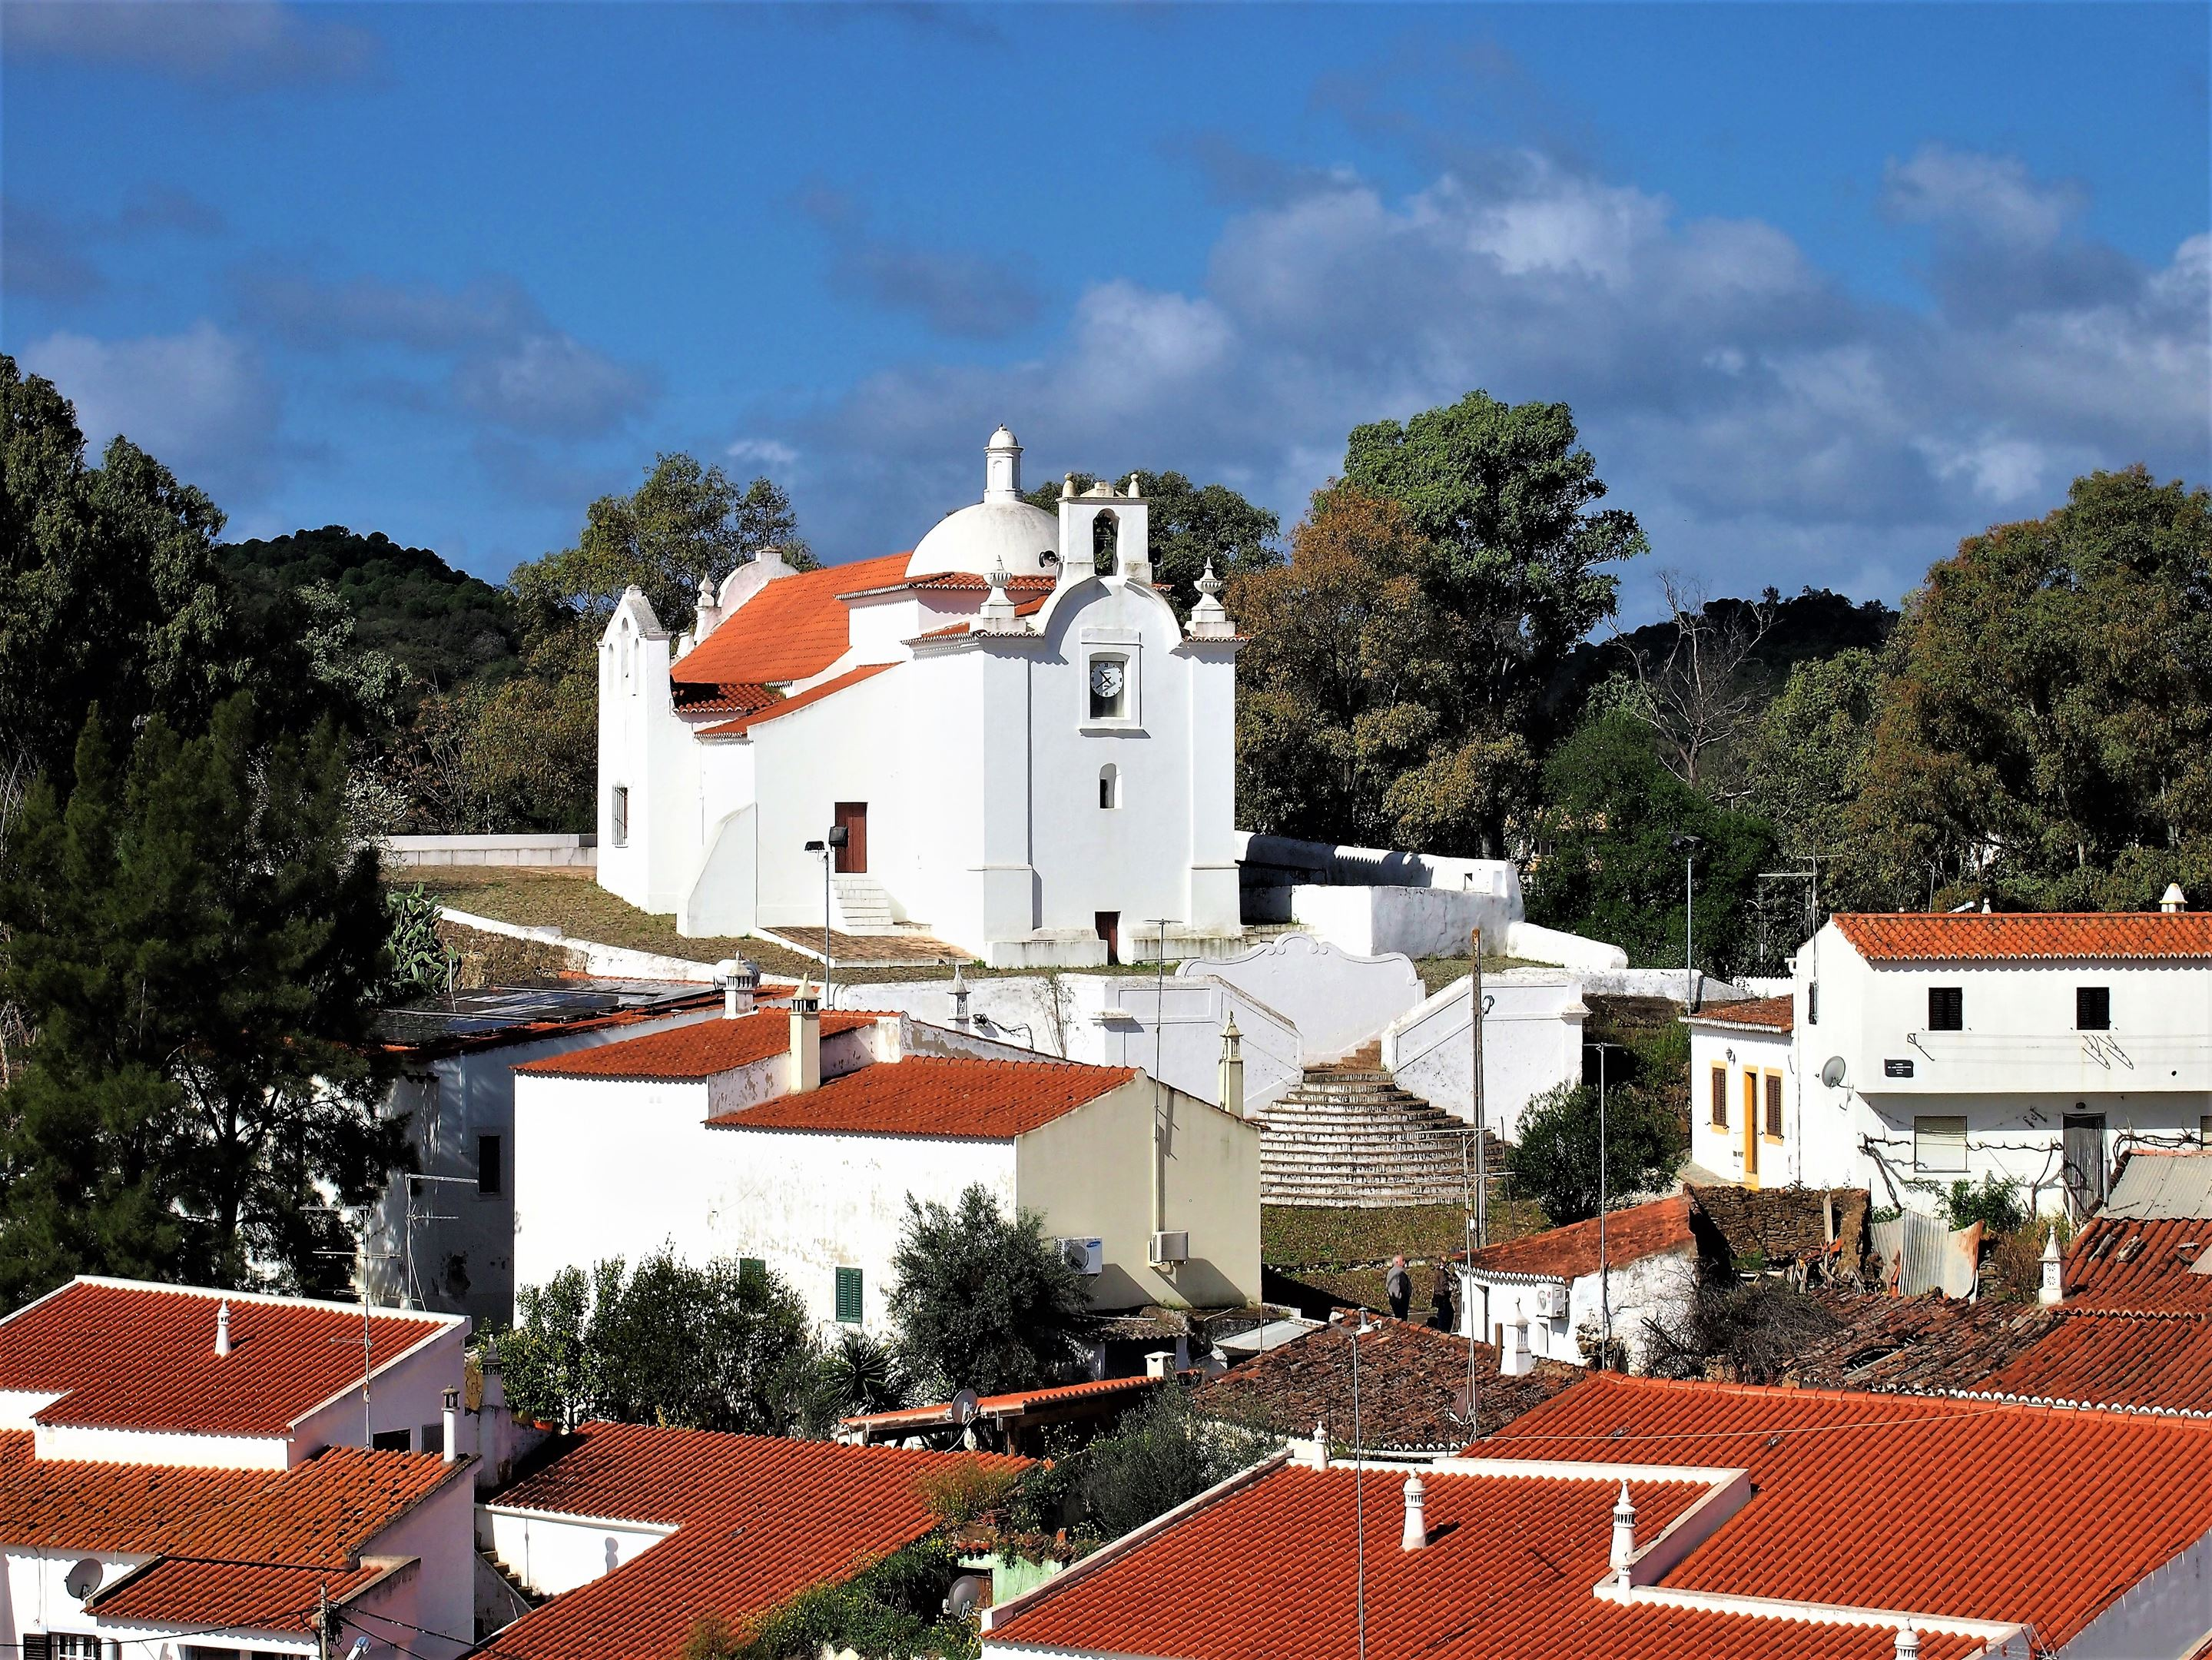 The Church of Nossa Senhora da Conceição, Alcoutim